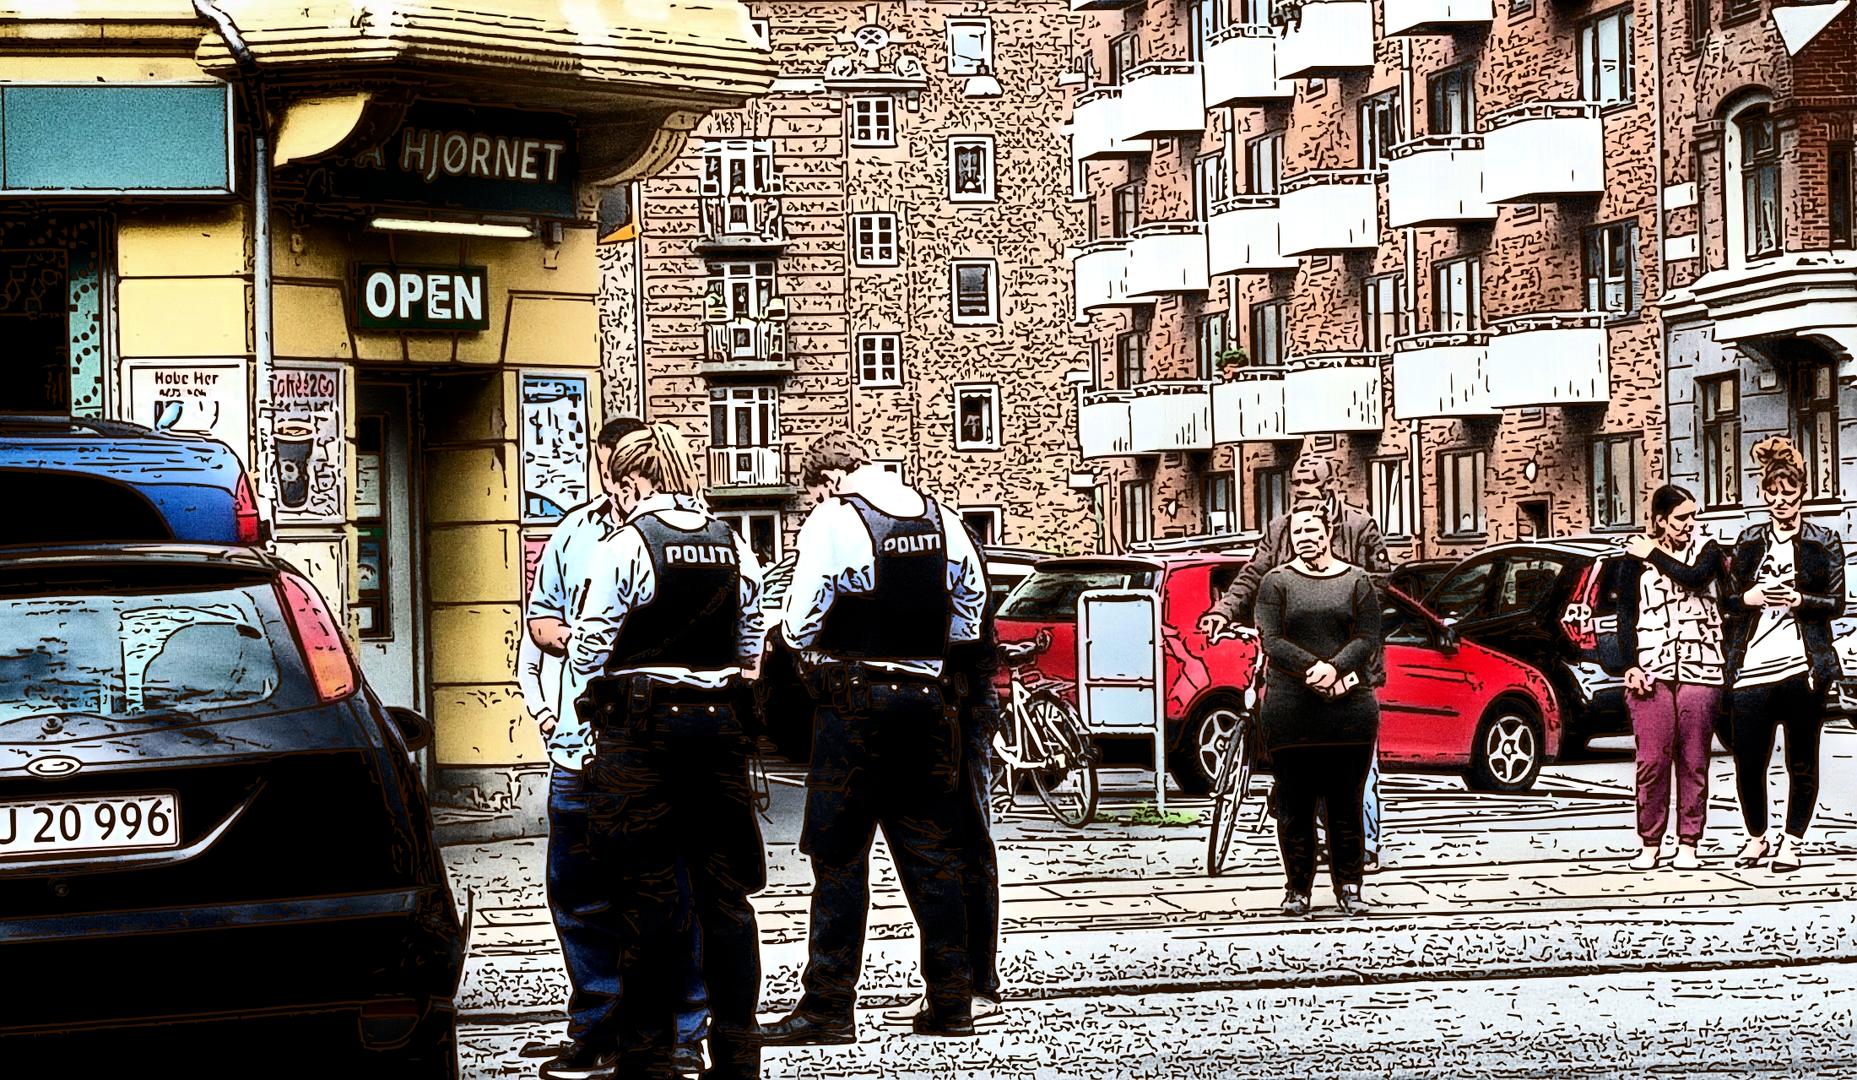 Police in Scandinavia